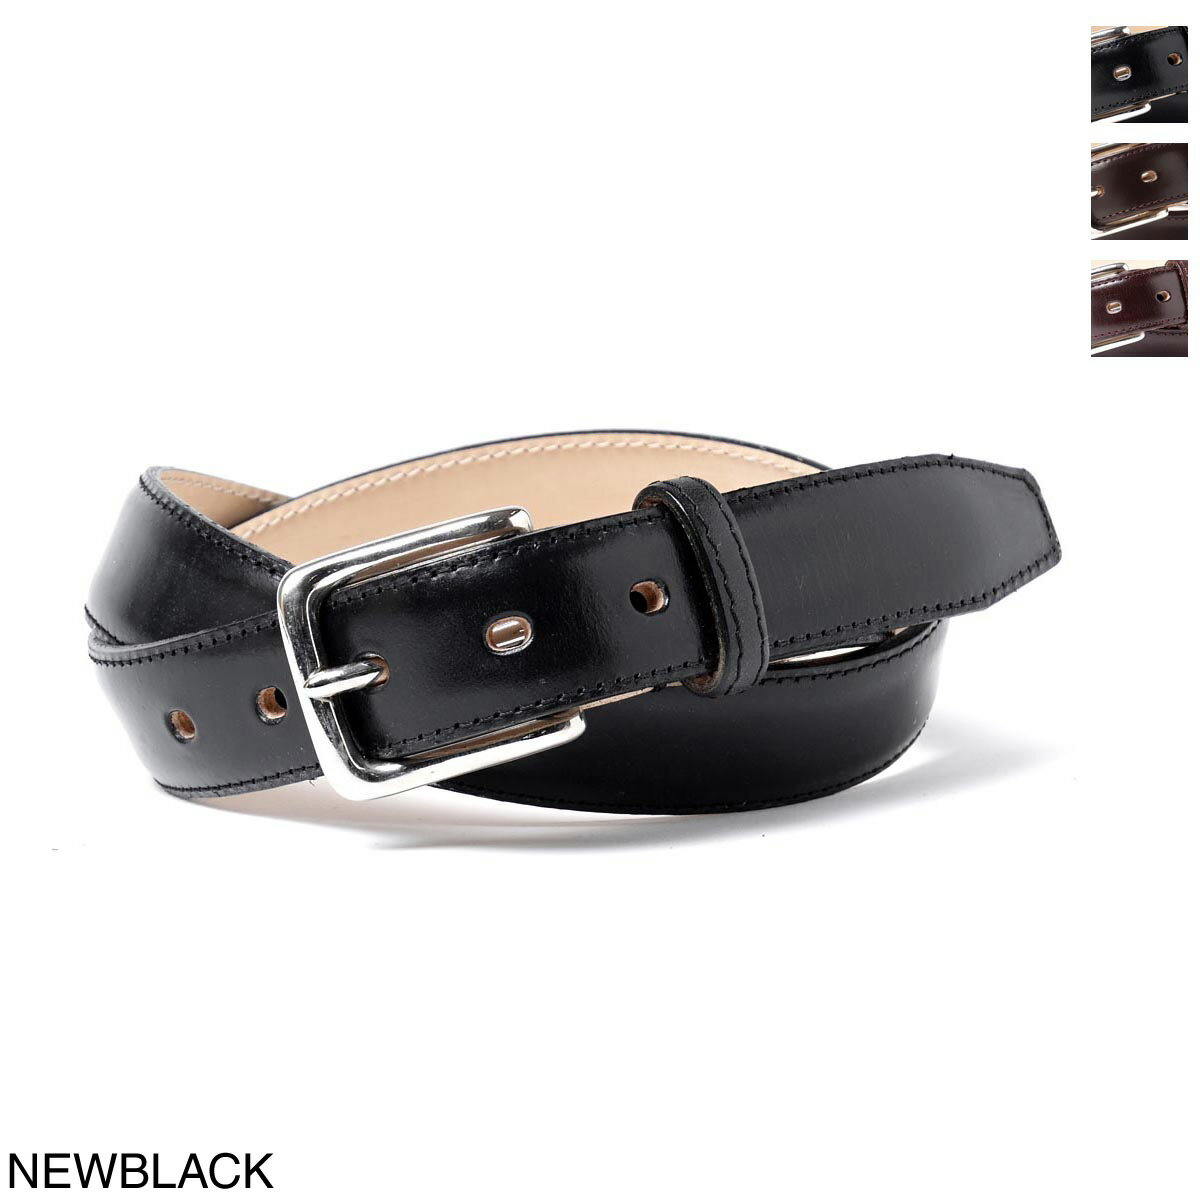 グレンロイヤル GLENROYAL ベルト メンズ プレゼント ギフト 06 6234 black LEATHER【ラッピング無料】【返品送料無料】【あす楽対応_関東】